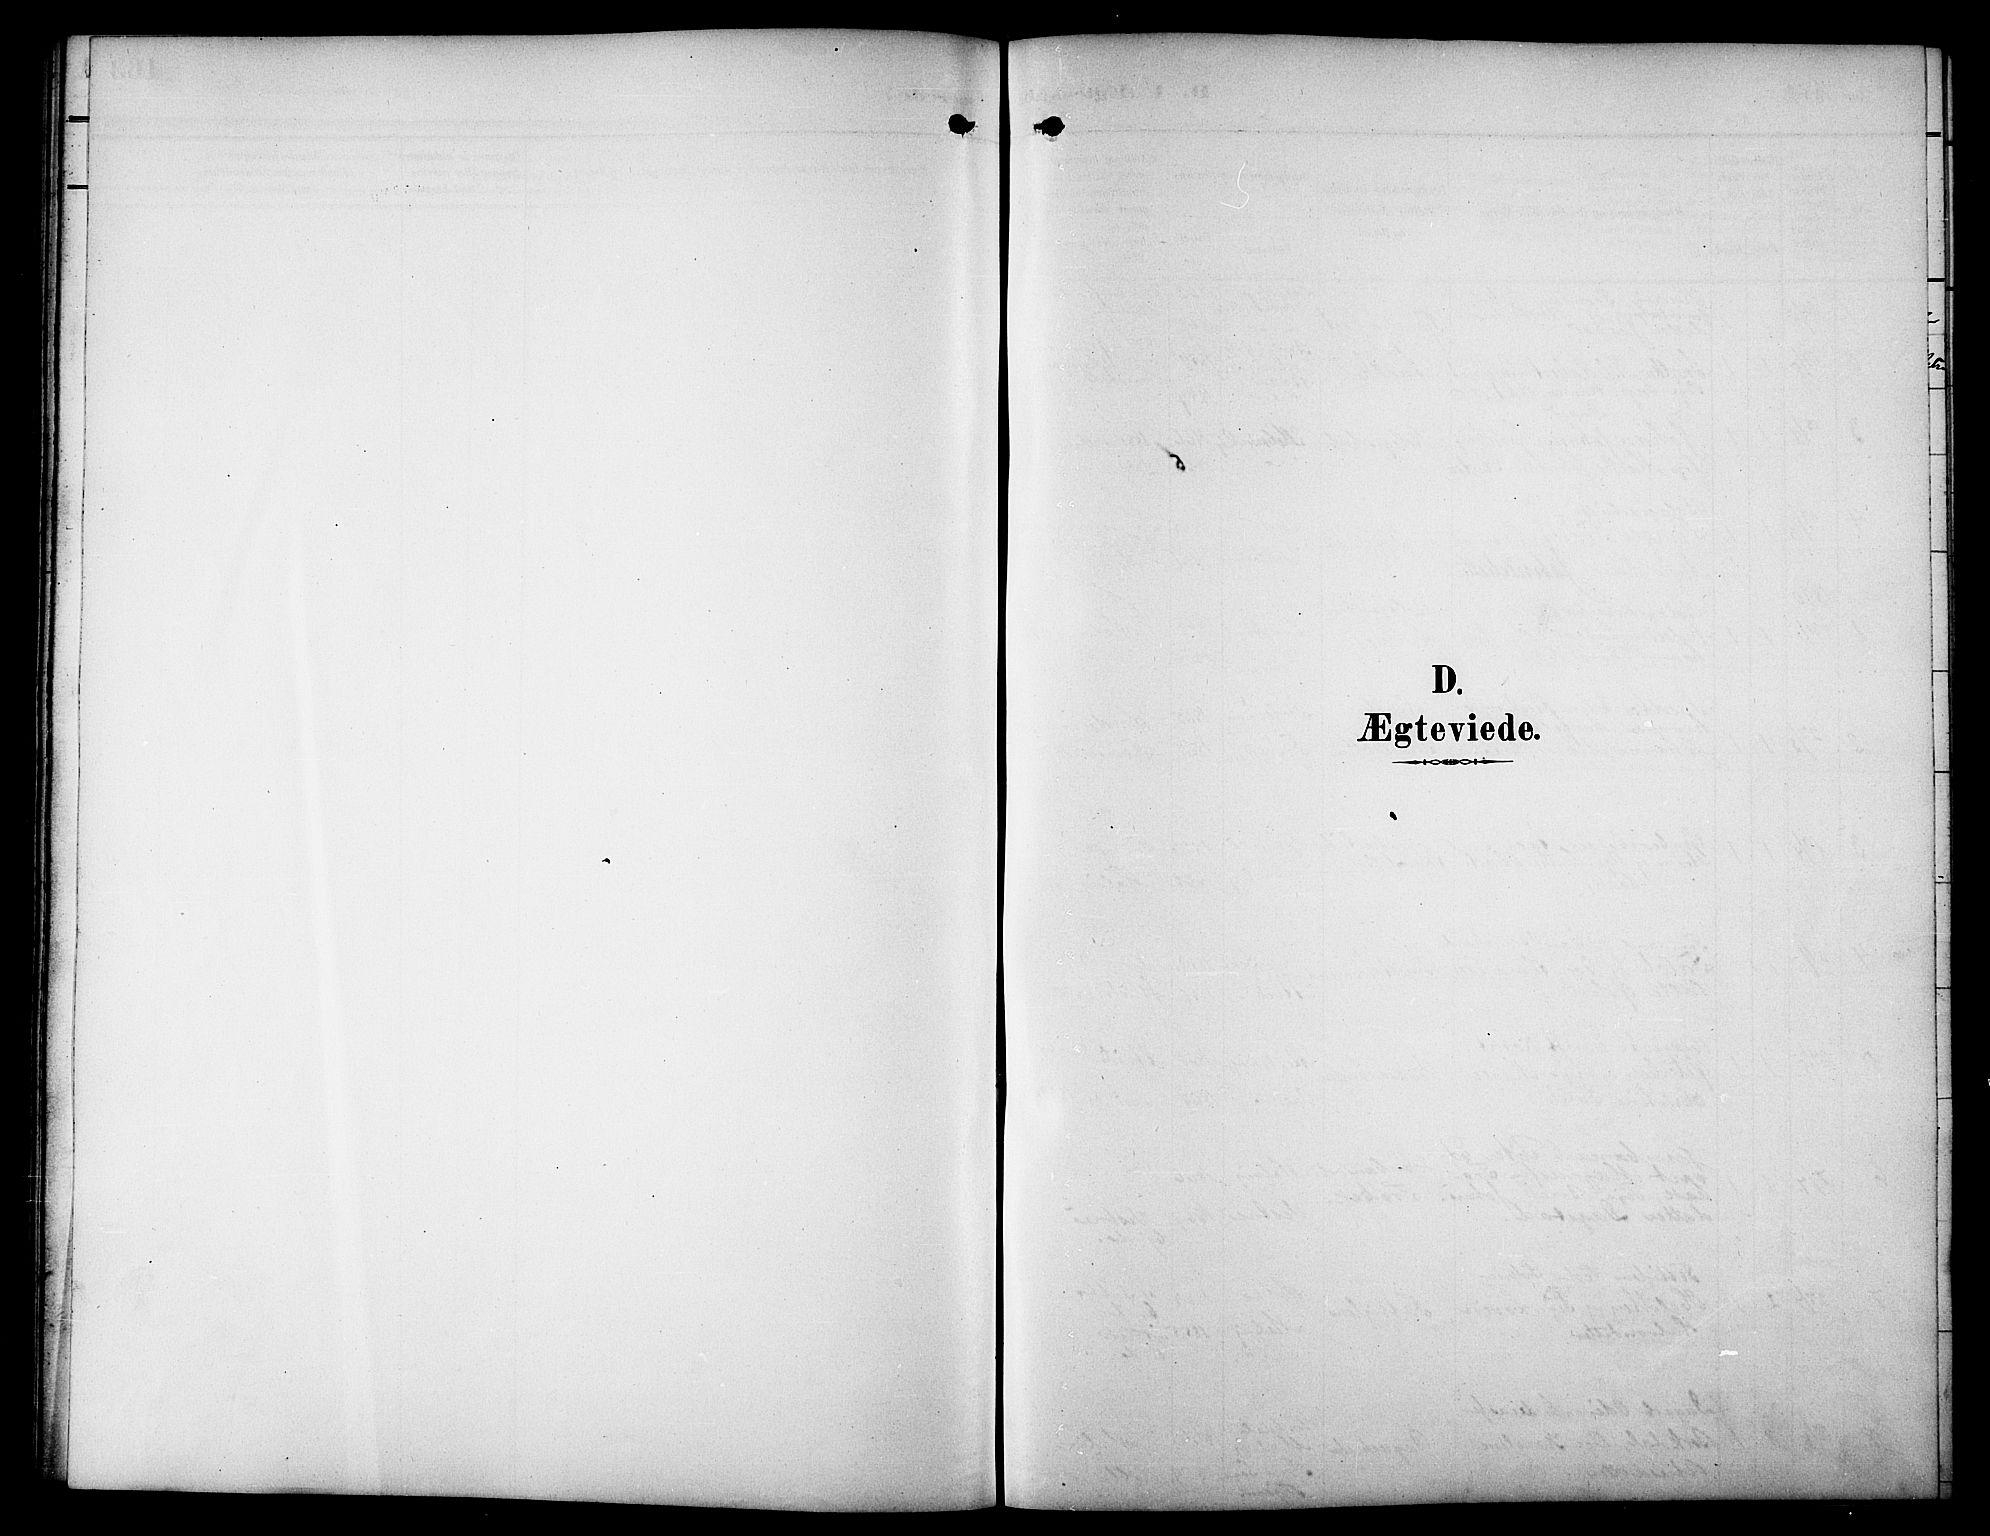 SAT, Ministerialprotokoller, klokkerbøker og fødselsregistre - Sør-Trøndelag, 617/L0431: Klokkerbok nr. 617C01, 1889-1910